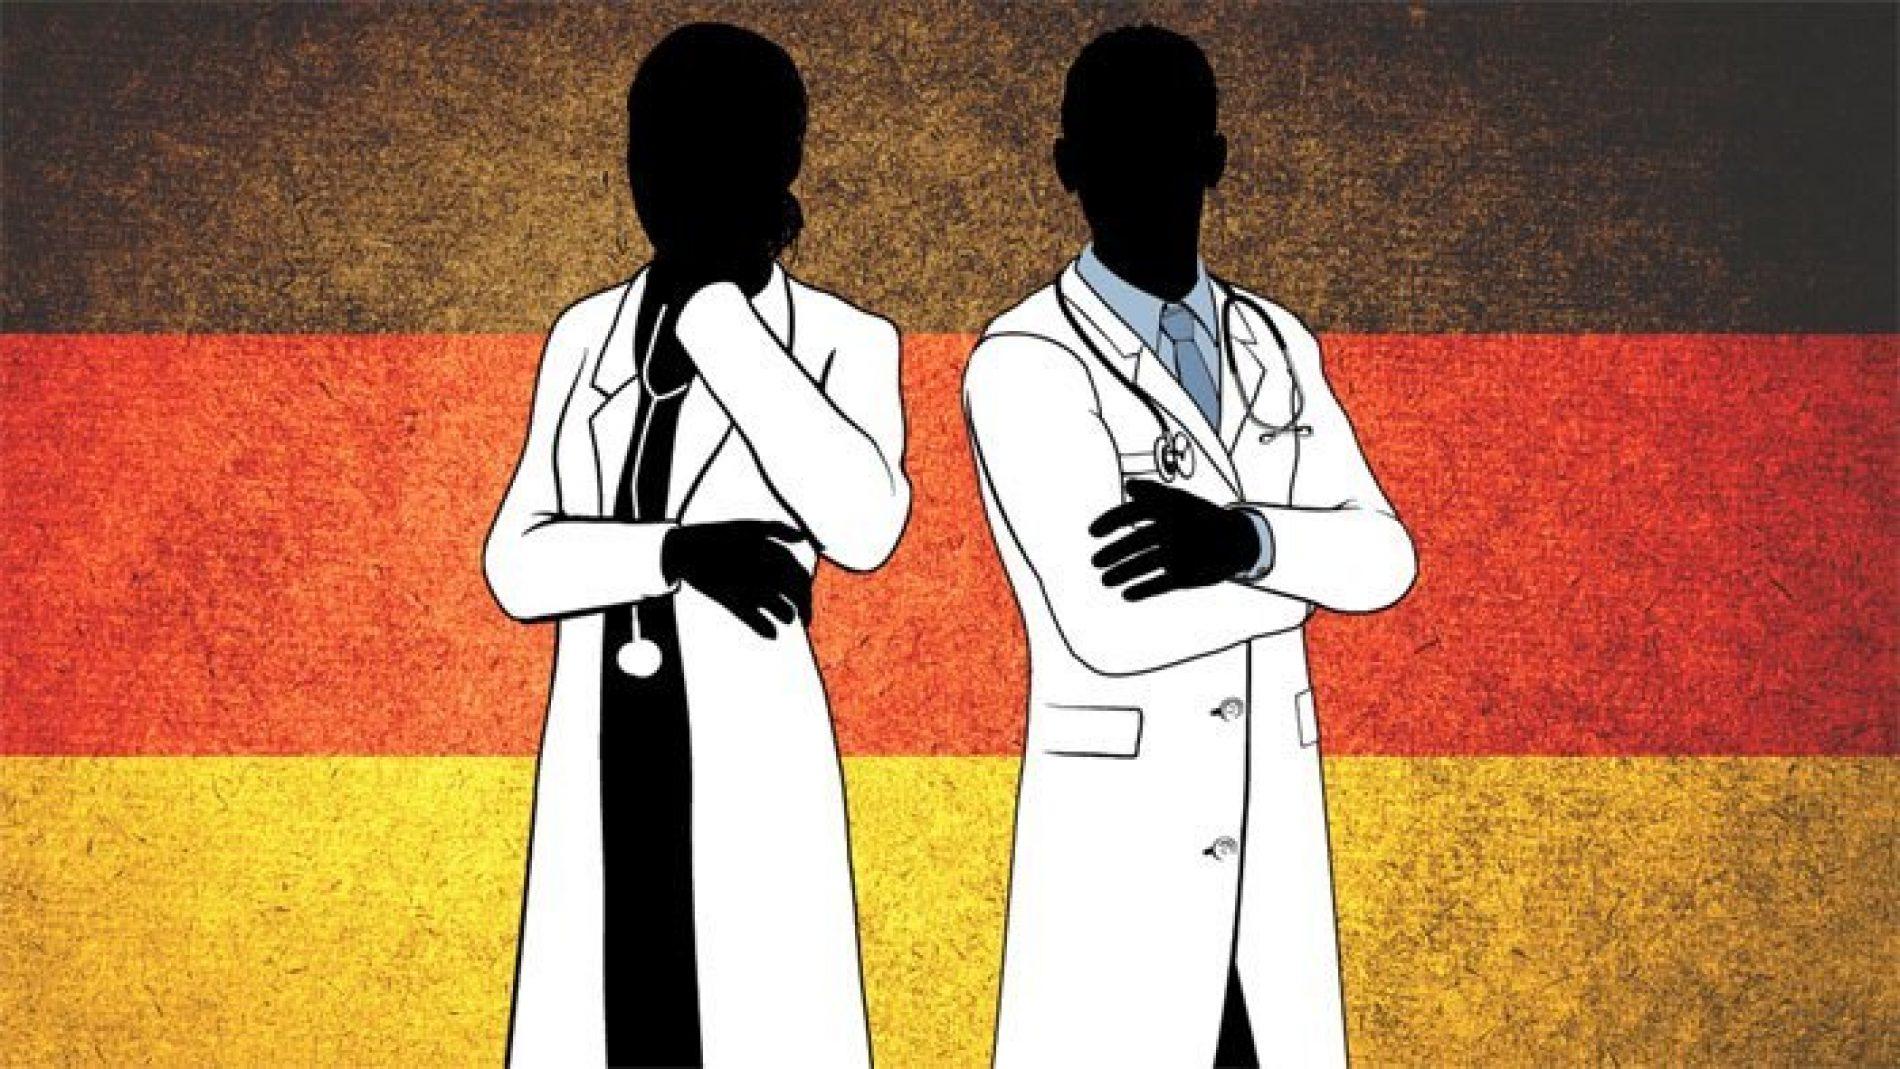 Njemački medicinski tehničar osuđen na doživotnu robiju zbog 85 ubistava